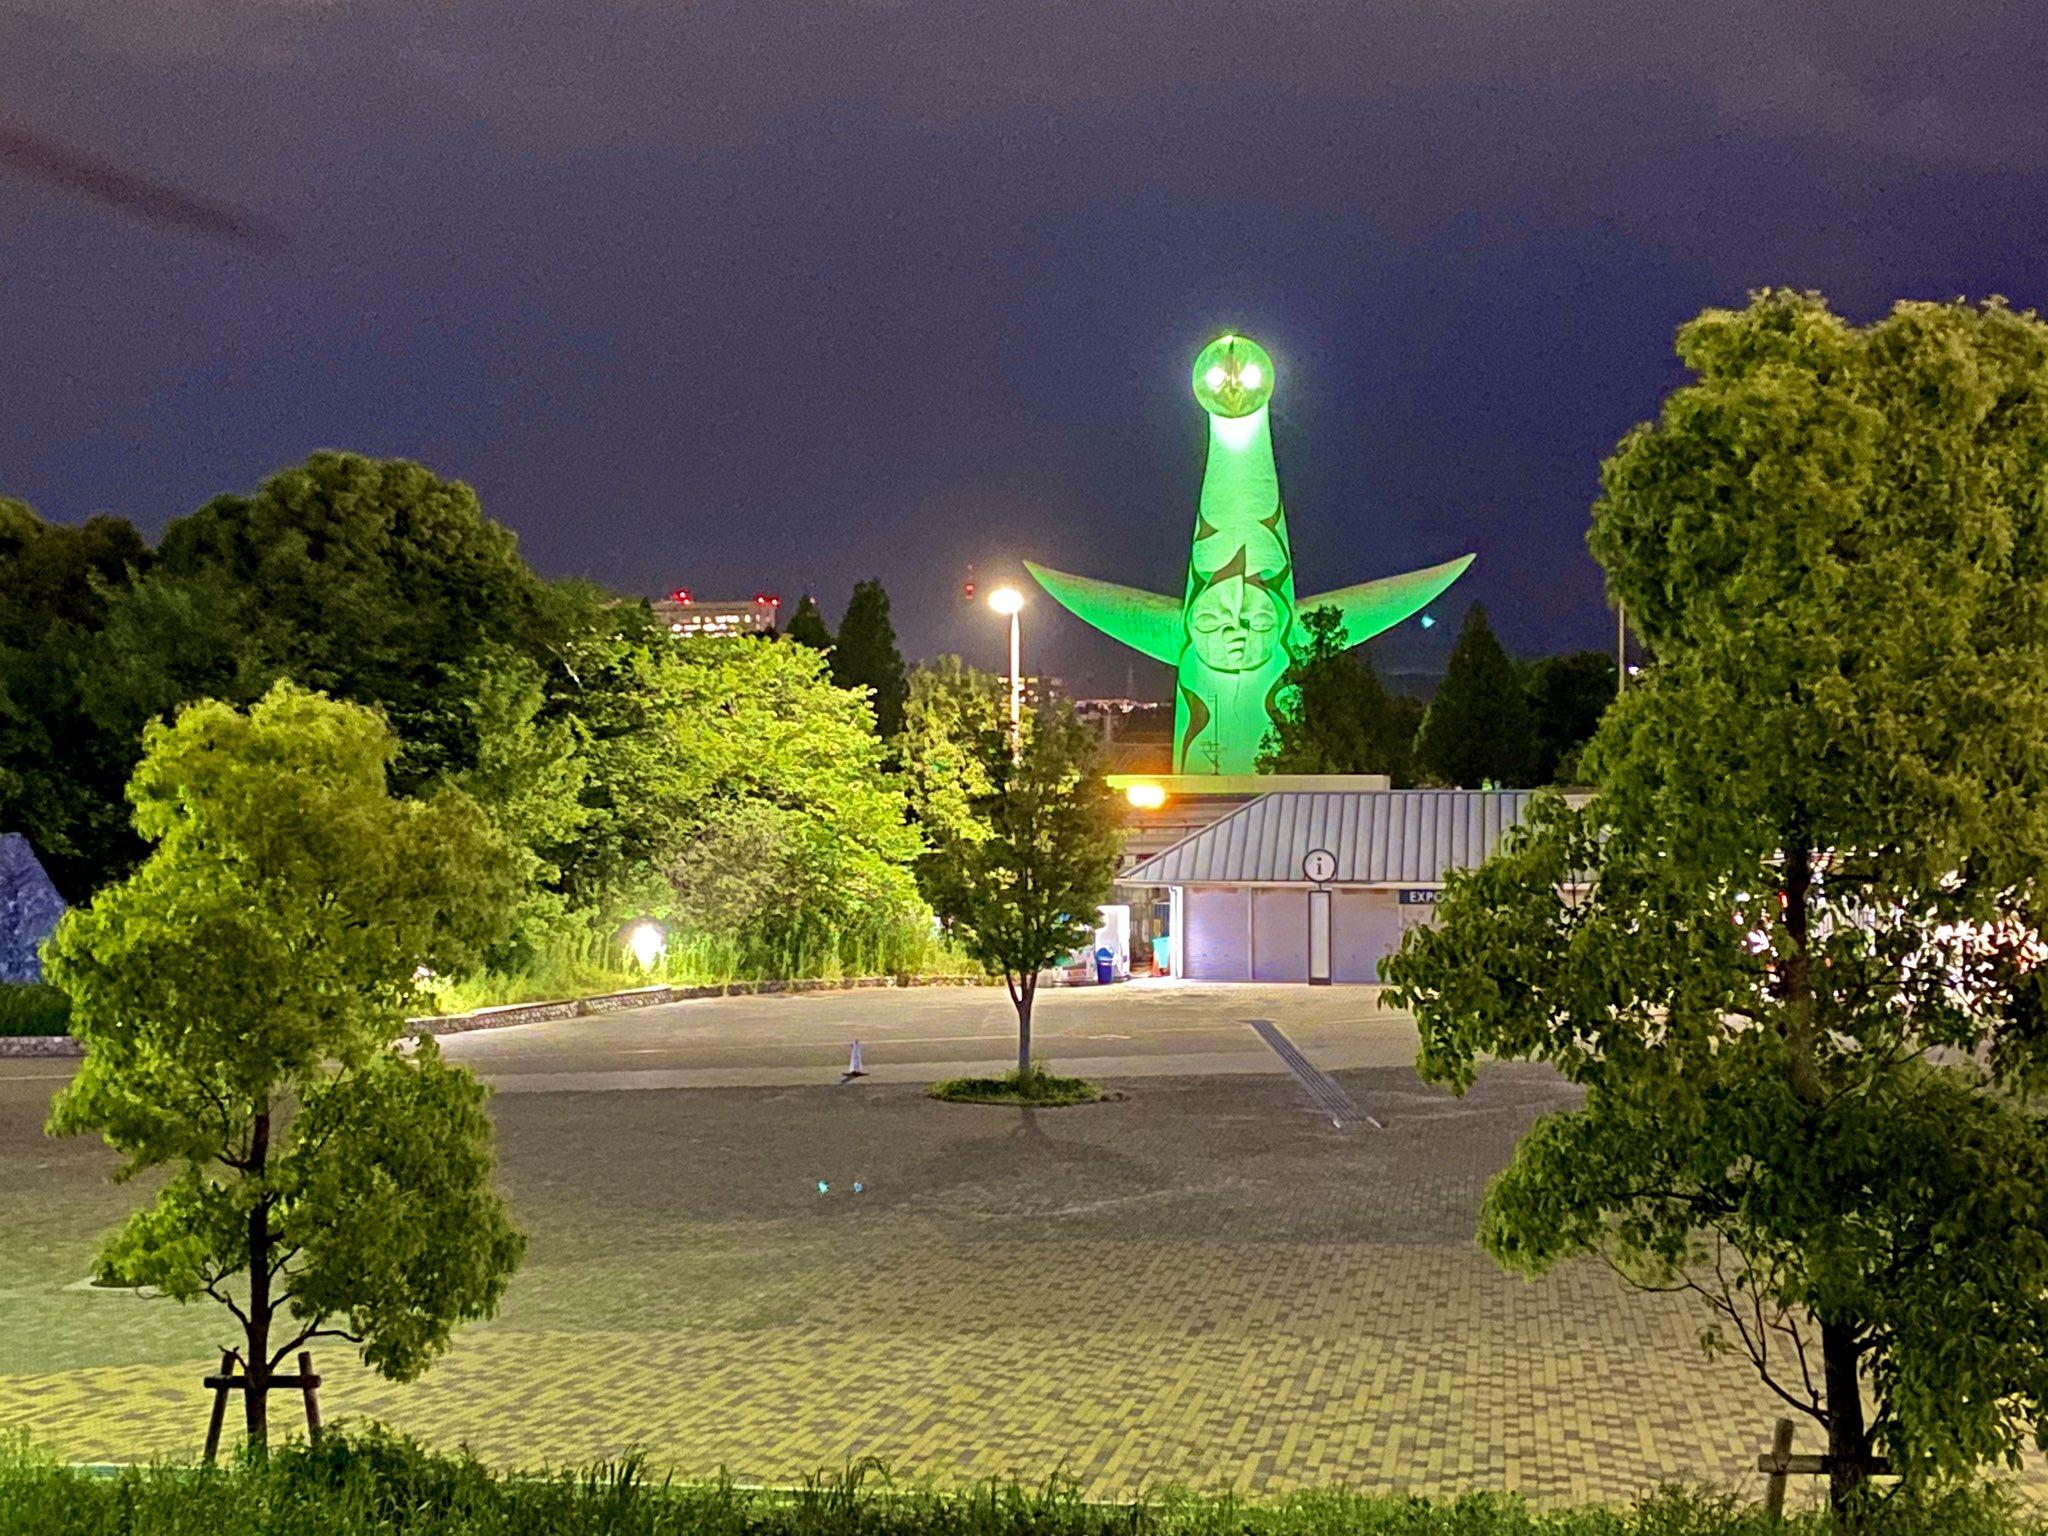 新型コロナウイルスの大阪府独自の警戒基準レベルをライトアップで周知する取り組み。府では来週5/11(月)から、通天閣および太陽の塔で実施すると発表しました。それに先駆けて、本日は試験点灯が行われています。 赤→警戒中 黄→注意喚起 緑→基準クリア また、後ほど記事にしてご紹介します。